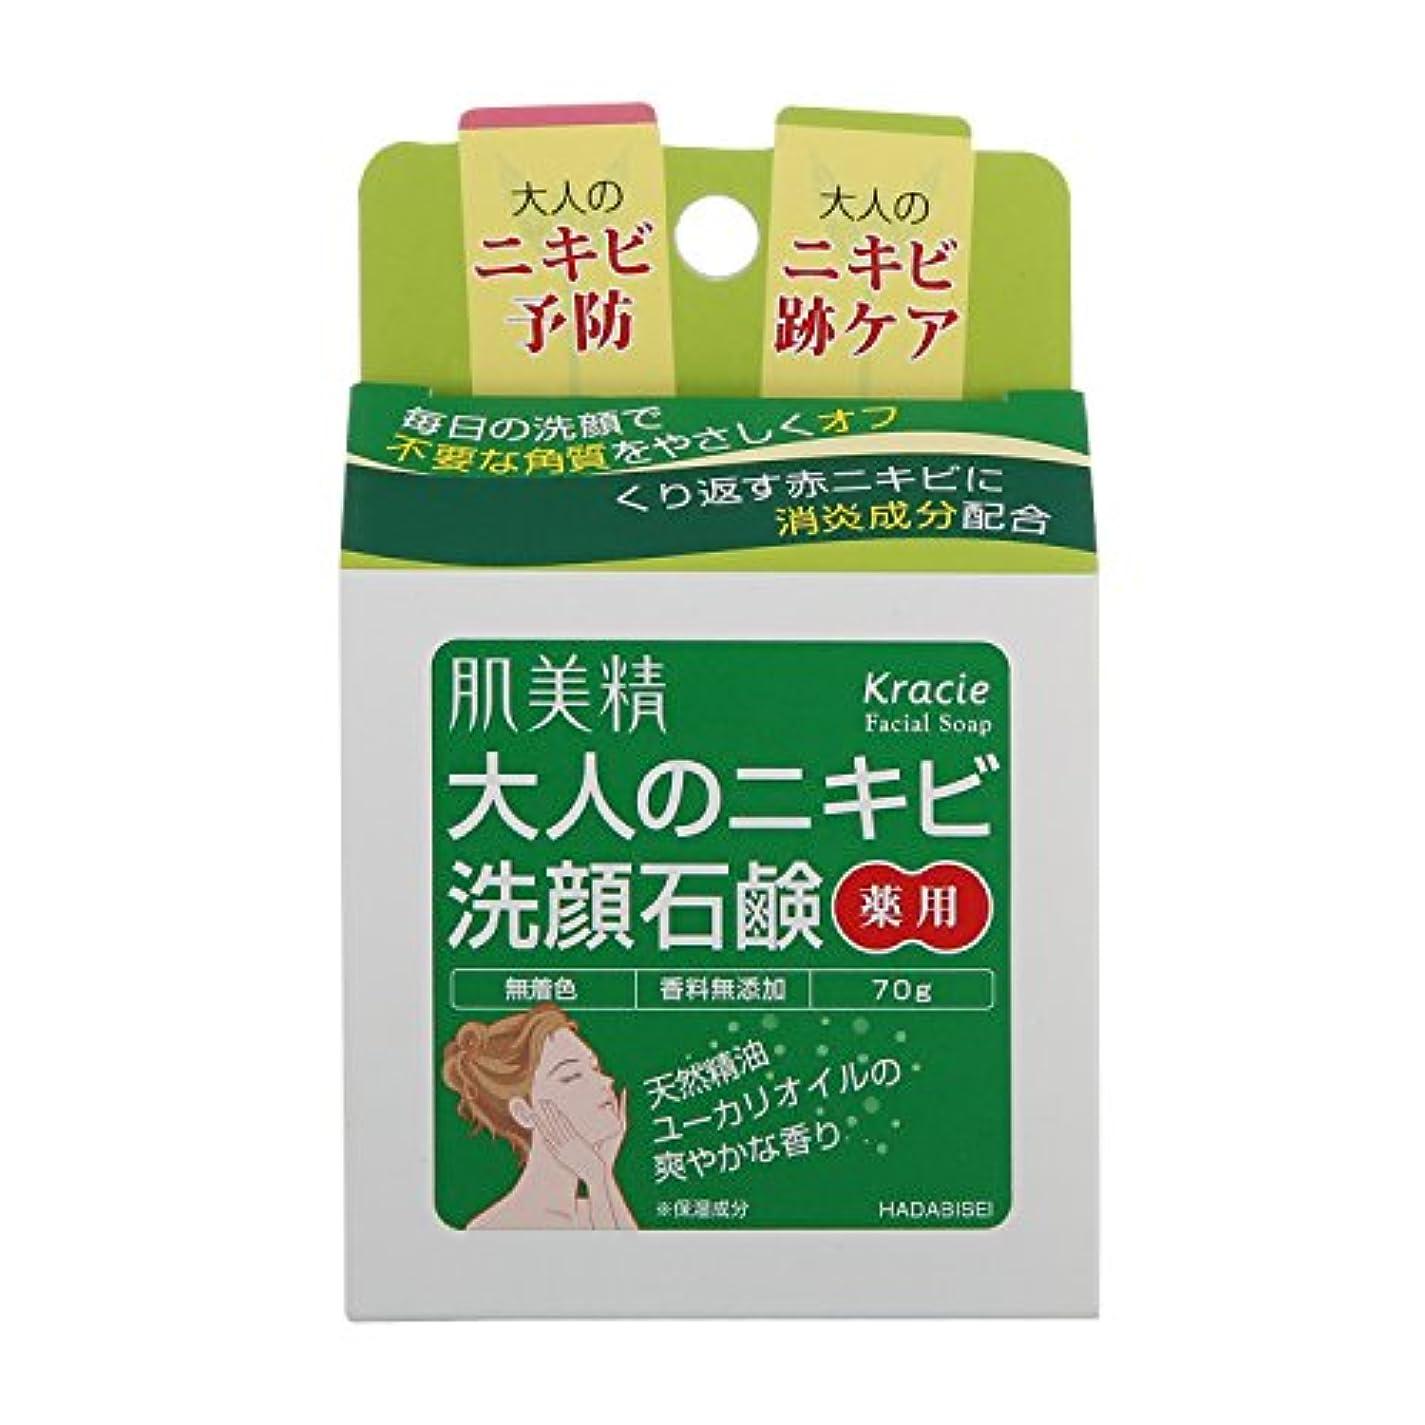 八国際ひばり肌美精 大人のニキビ 薬用洗顔石鹸 70g  [医薬部外品]